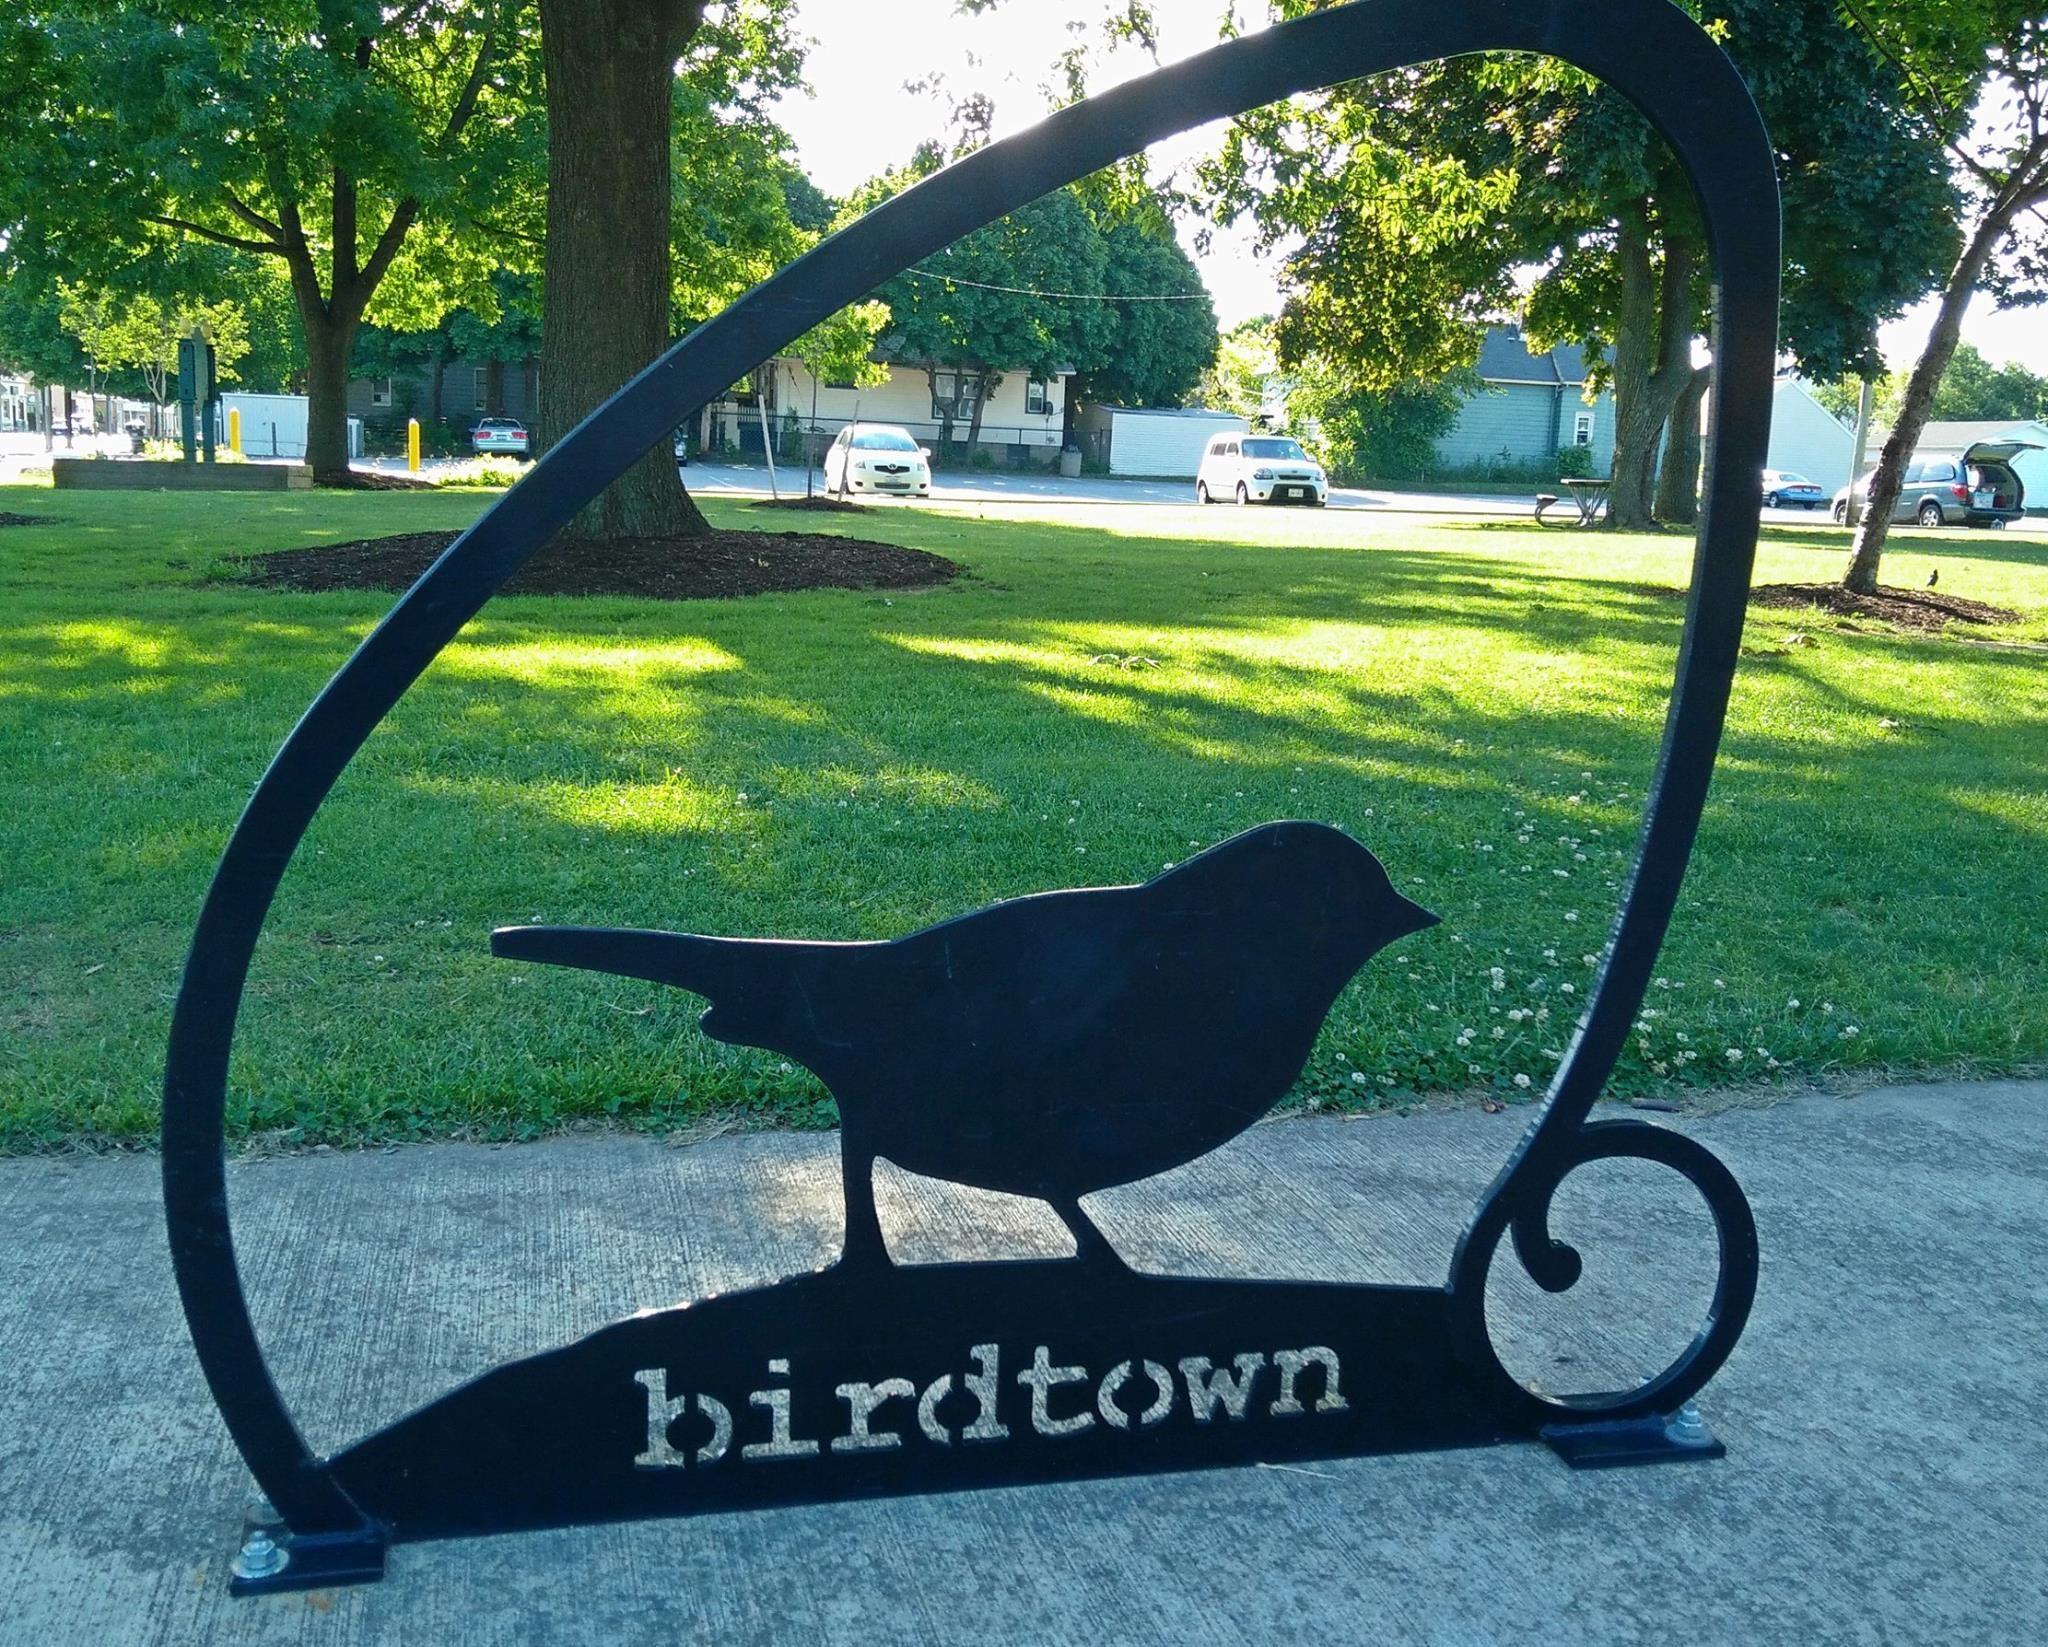 Birdtown Picnic